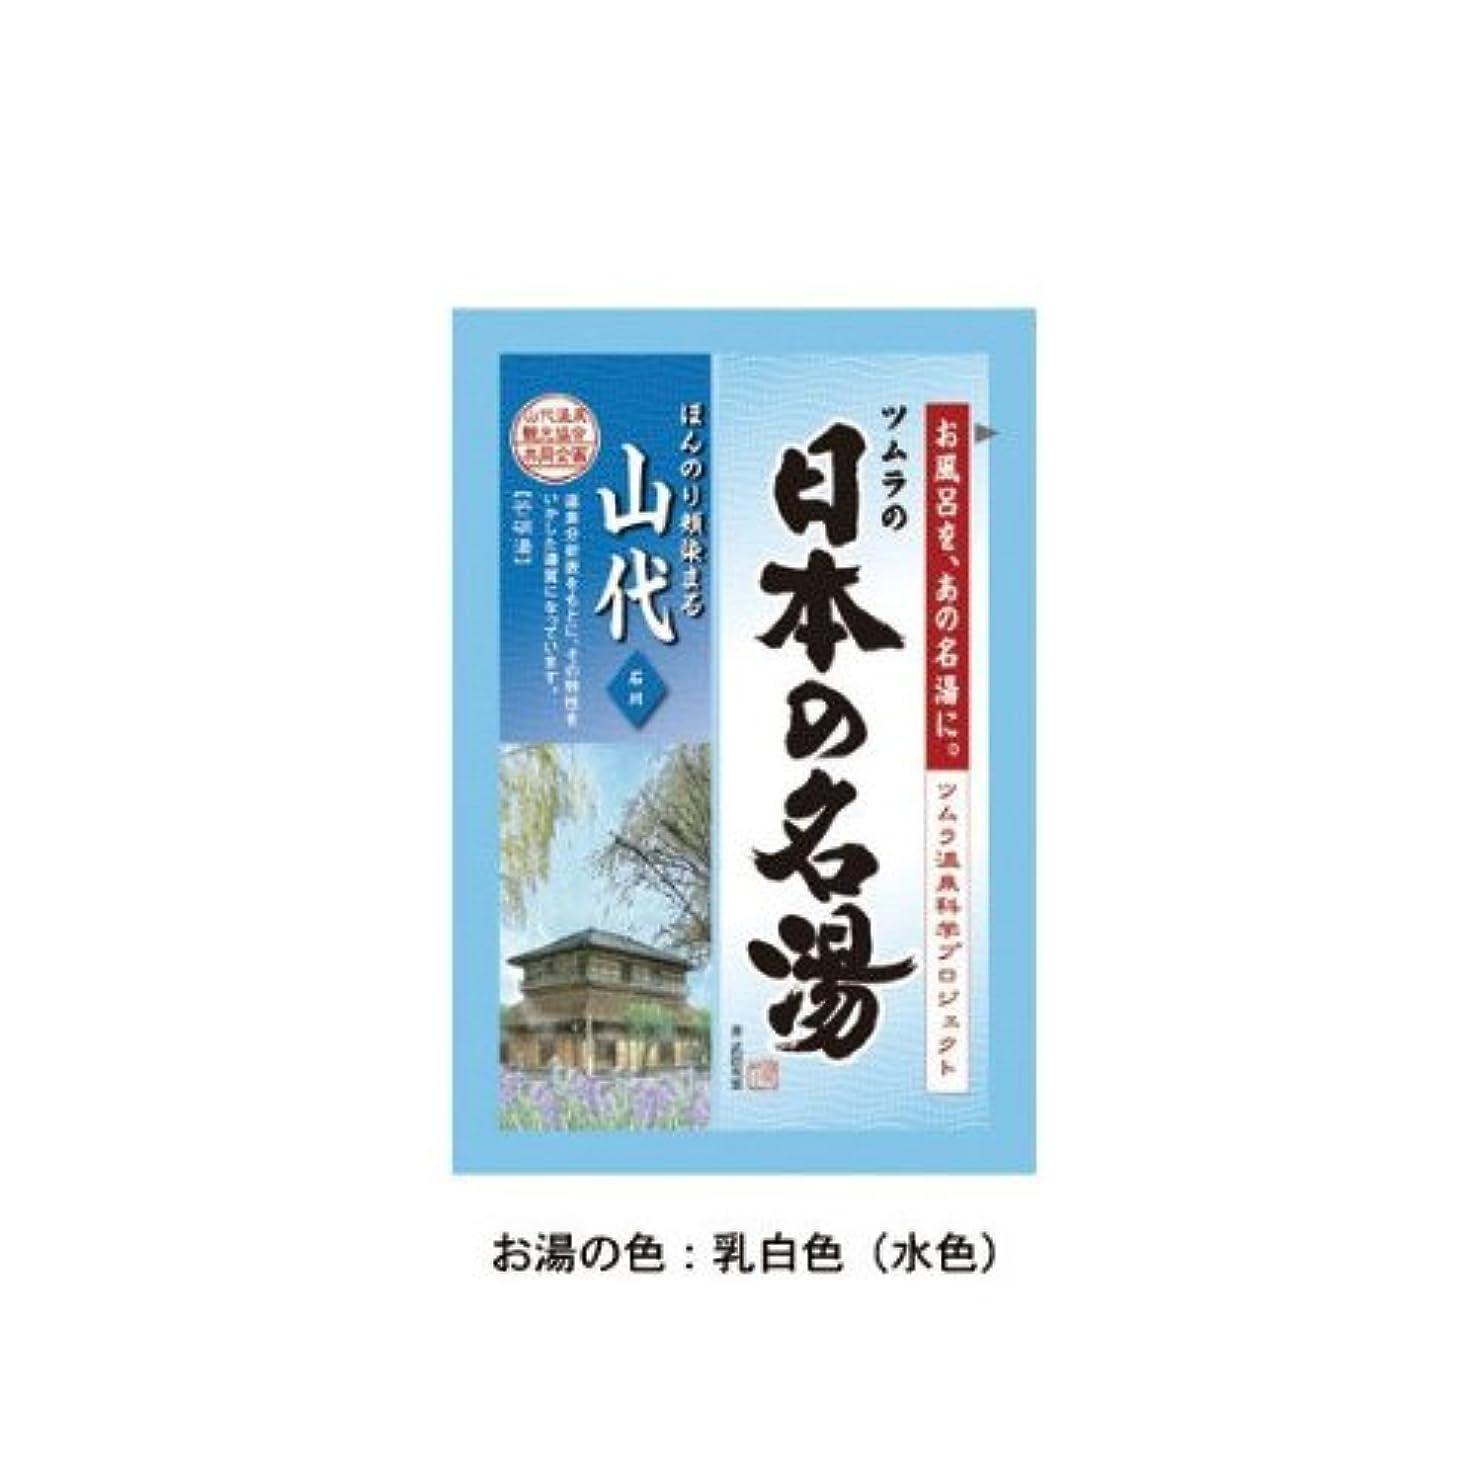 ツムラの日本の名湯 山代